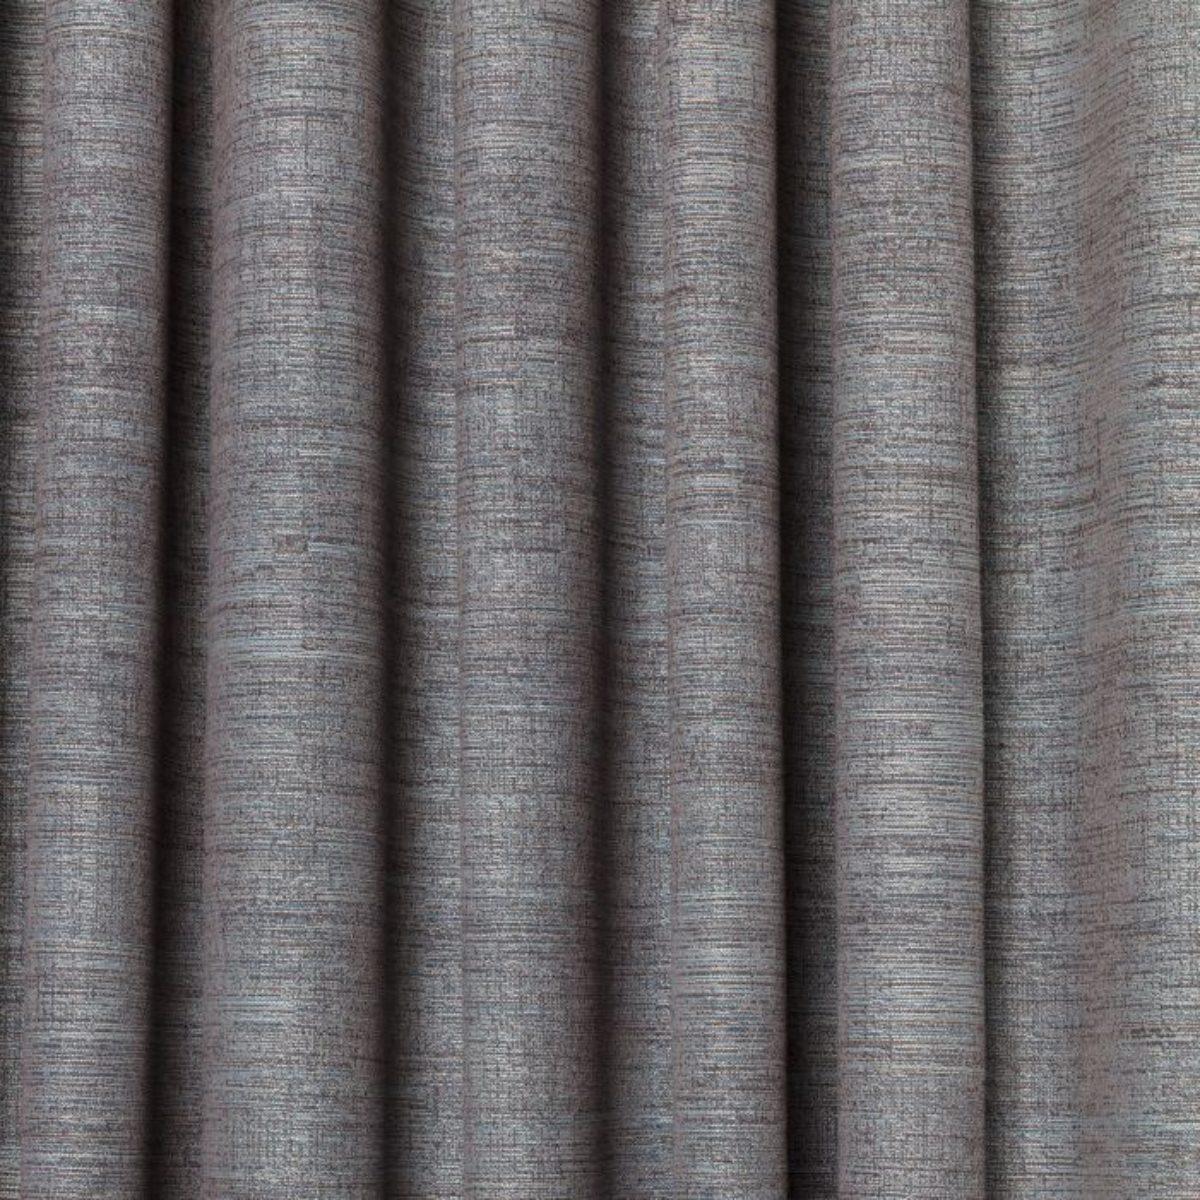 Ploeg gordijnen in between vitrage stoffen collectie configurable 0104580089 bliss 89 001 detail4